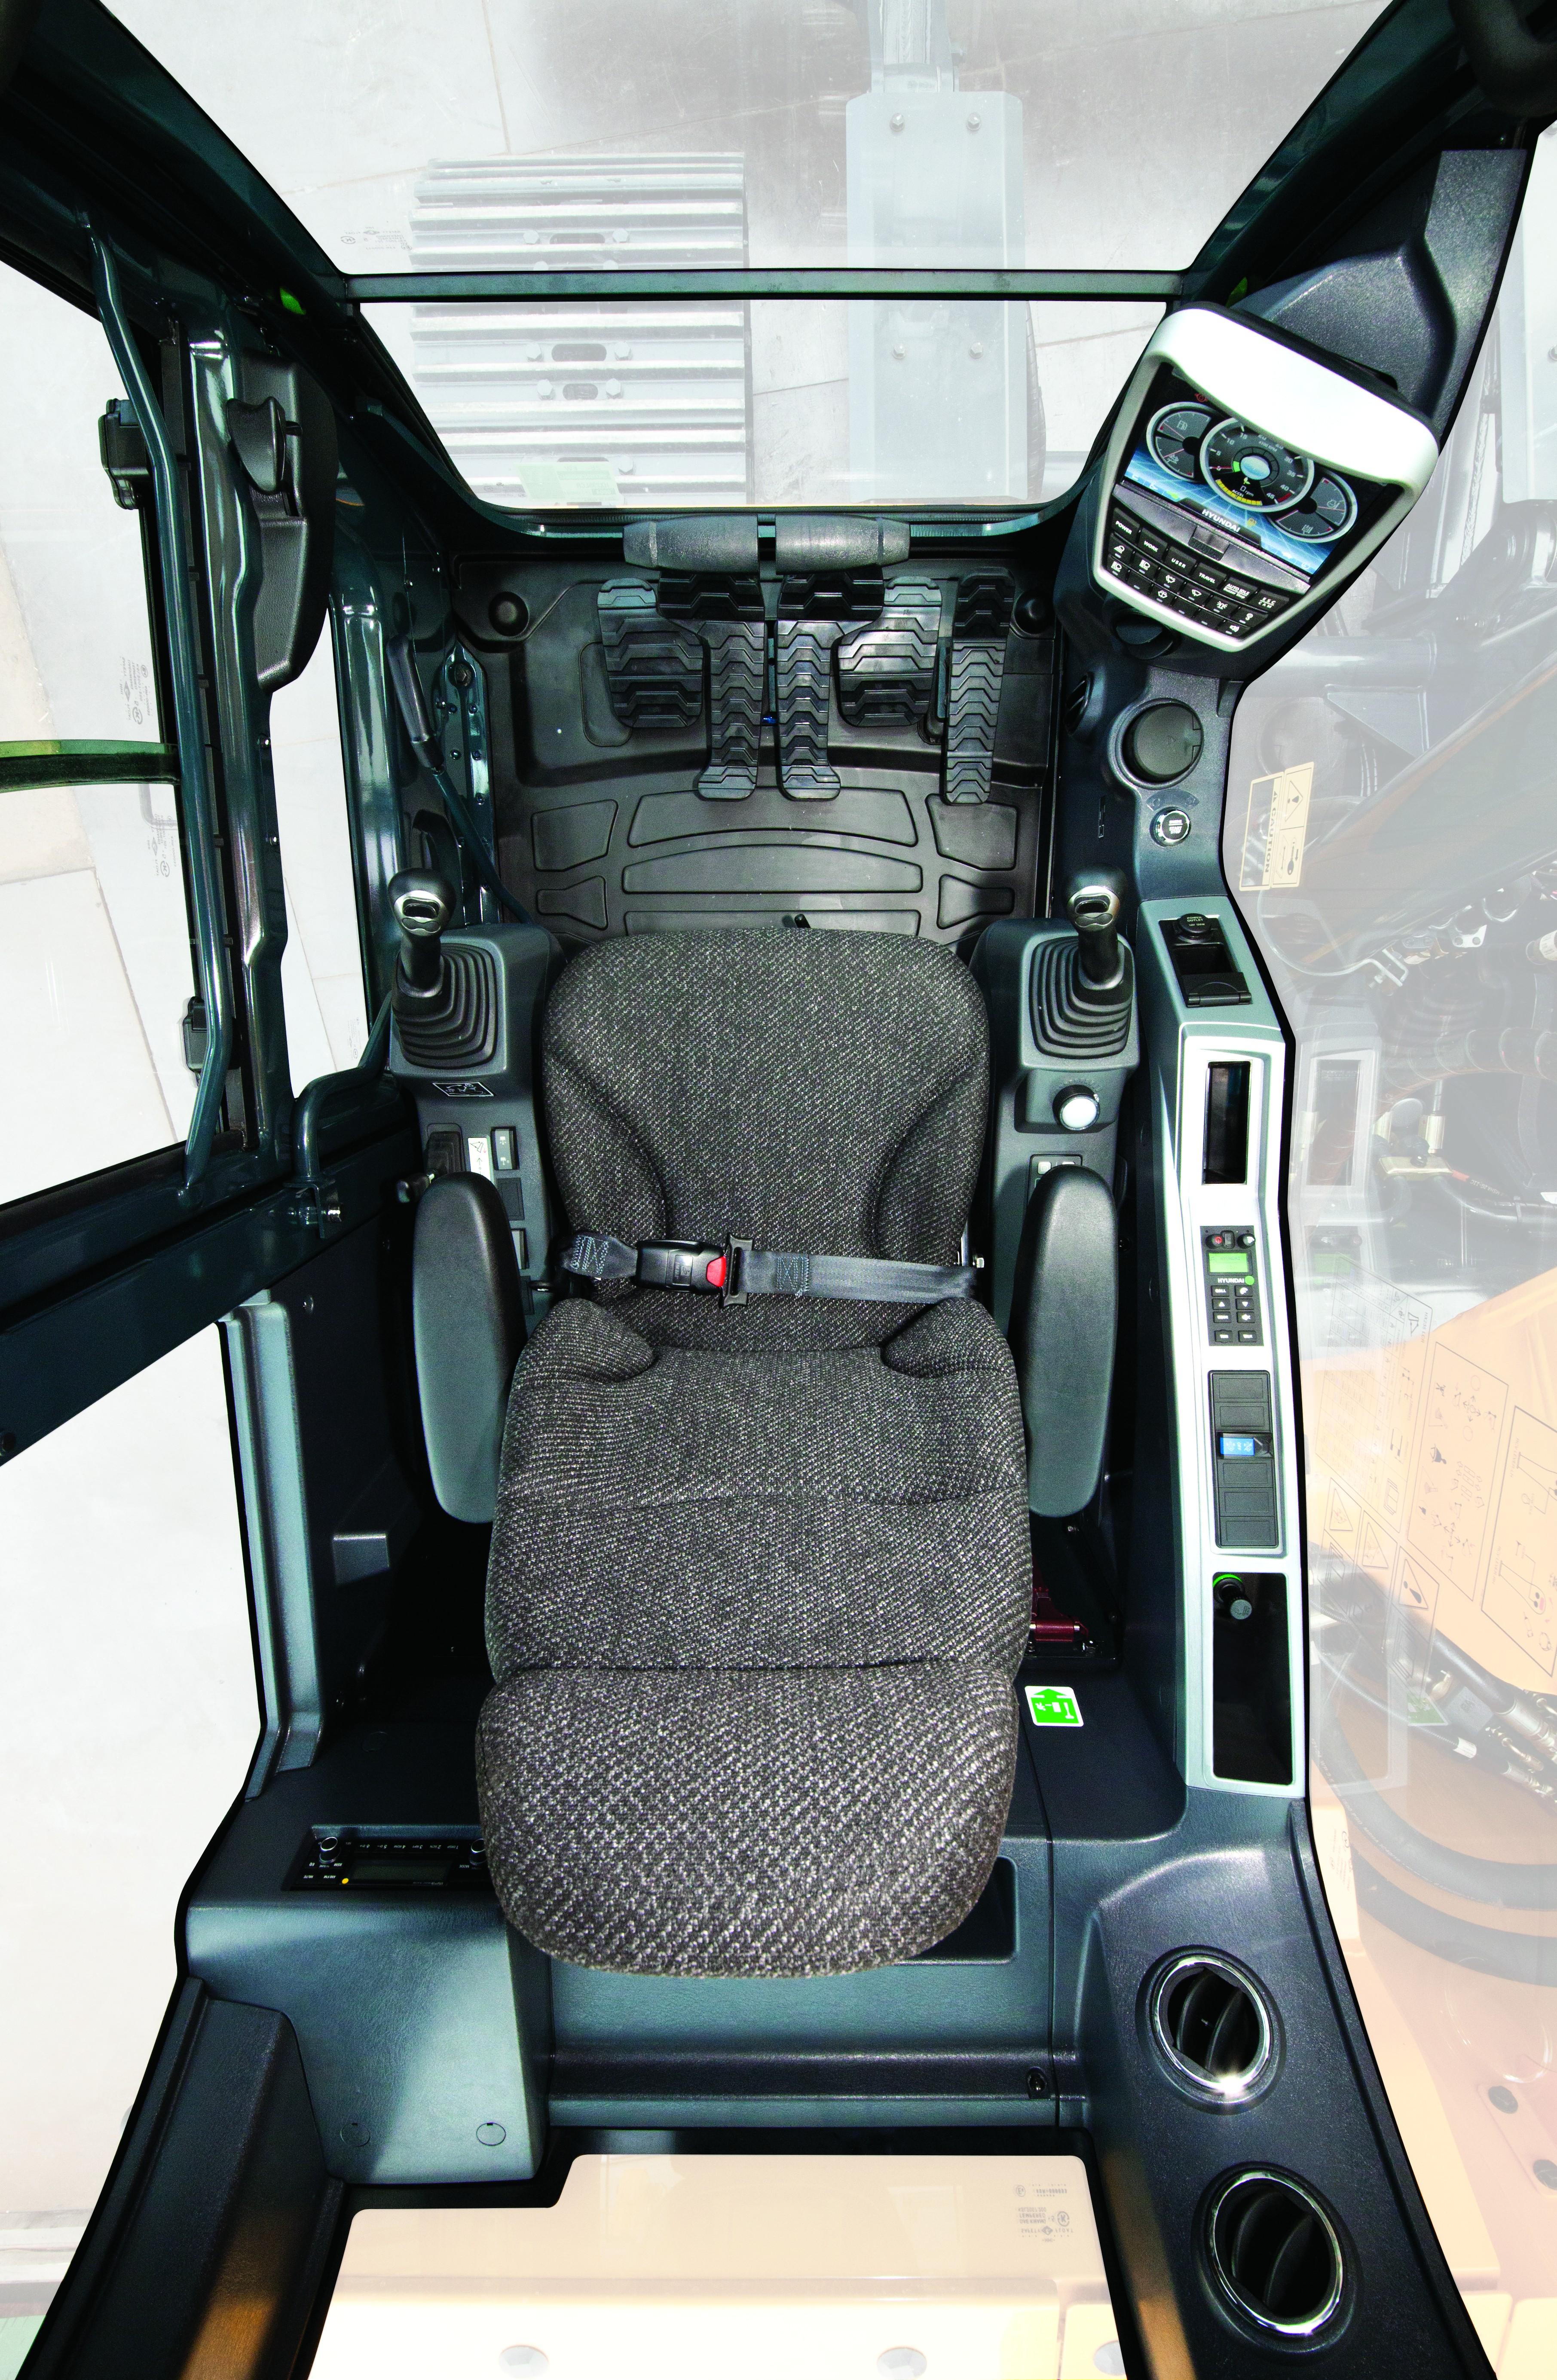 Blick in die geräumige Kabine der HX-Bagger.